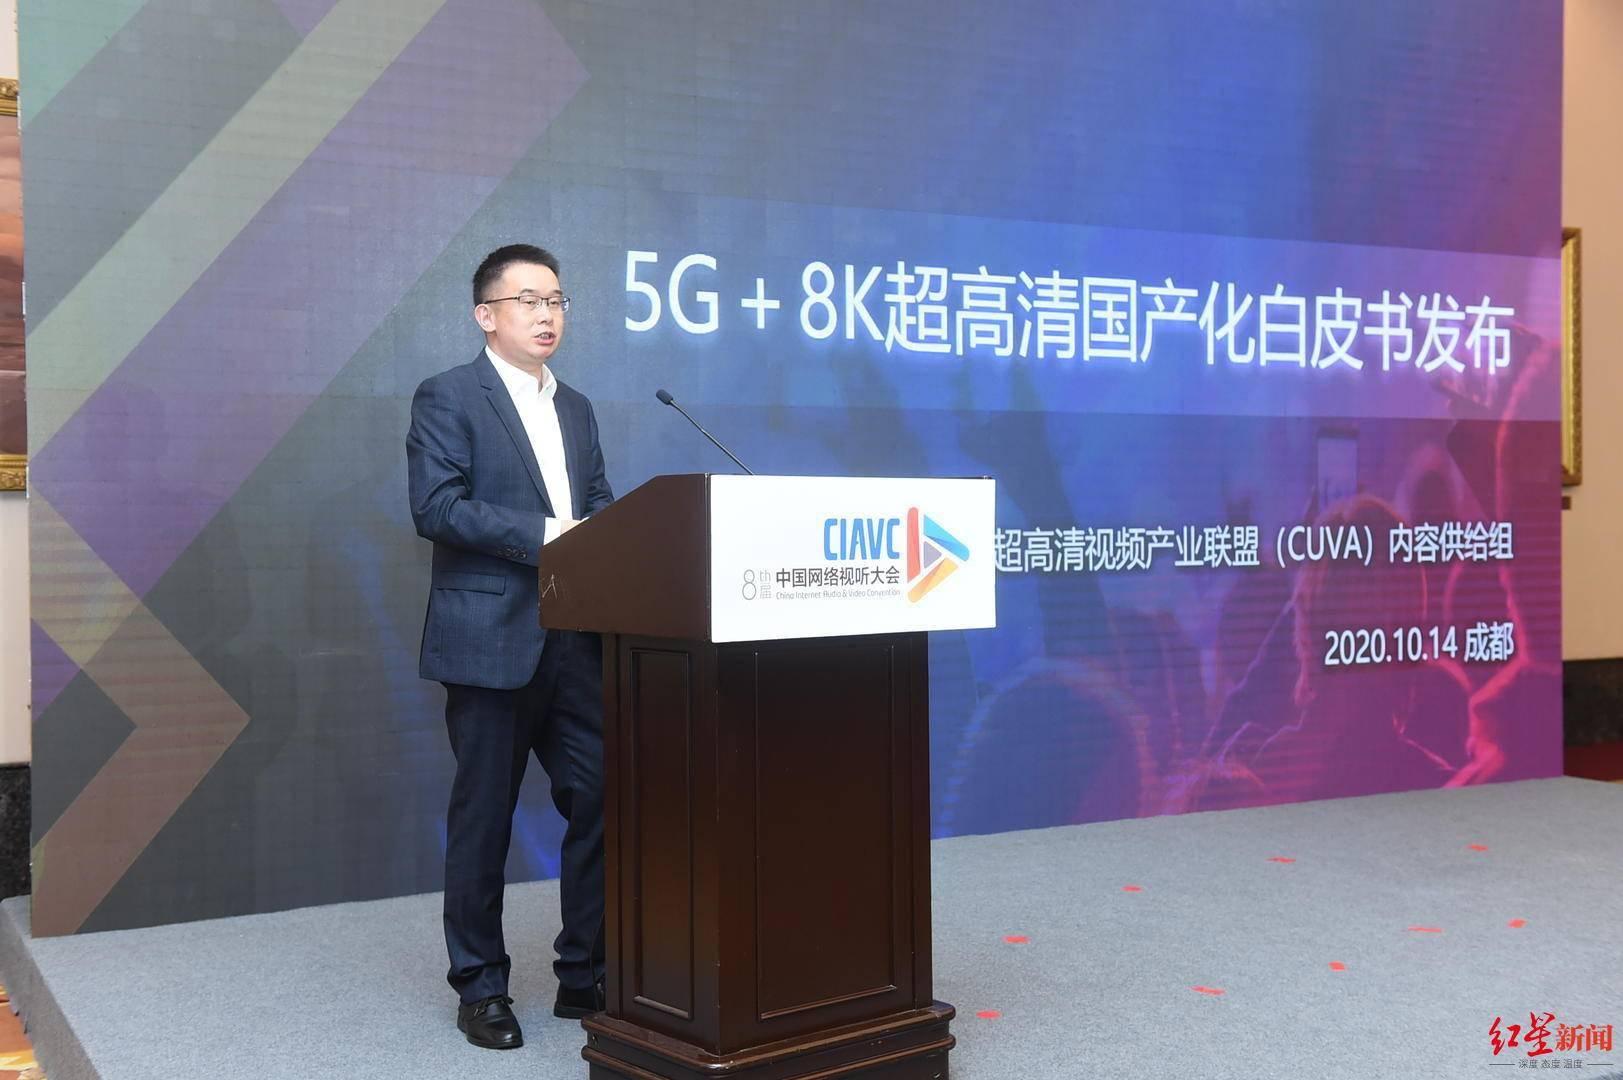 首个5G+8K超高清国产化白皮书今日发布 未来两年产业规模将突破4万亿